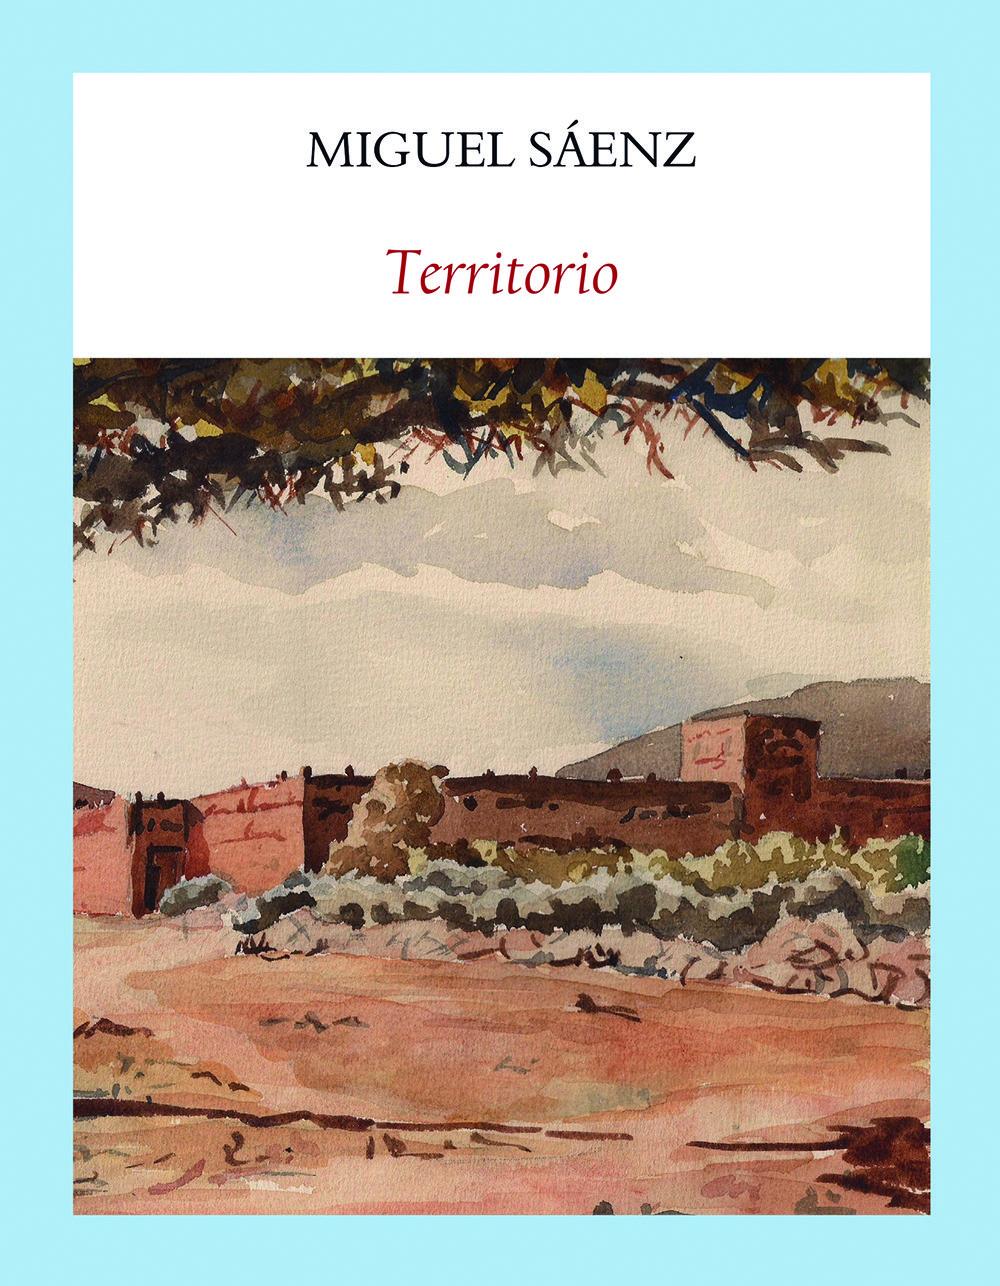 TERRITORIO de Miguel Sáenz